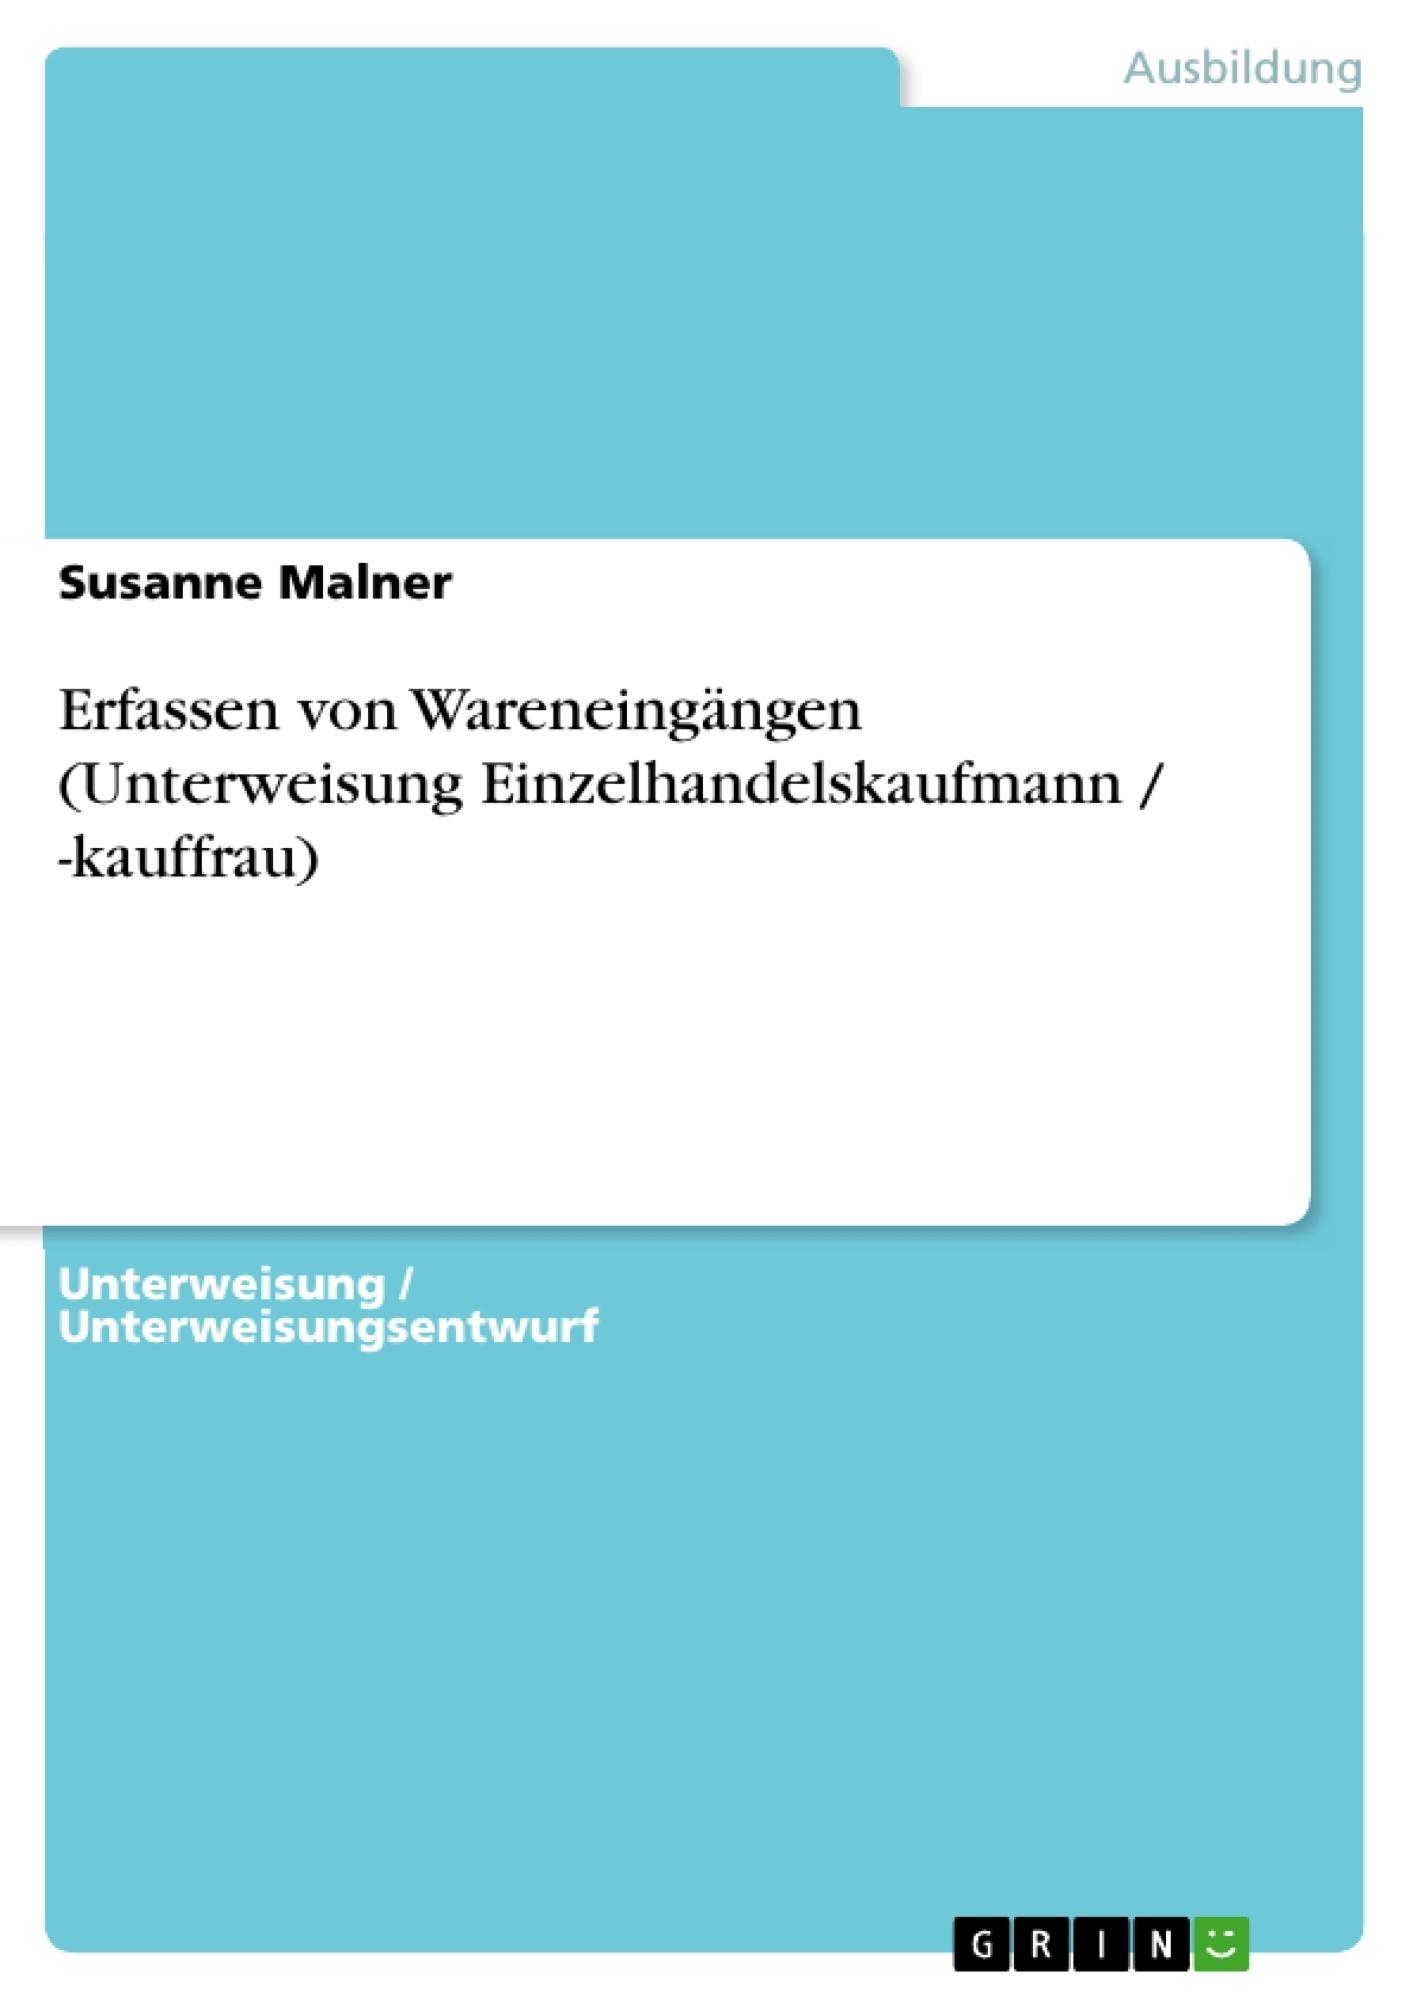 Titel: Erfassen von Wareneingängen (Unterweisung Einzelhandelskaufmann / -kauffrau)